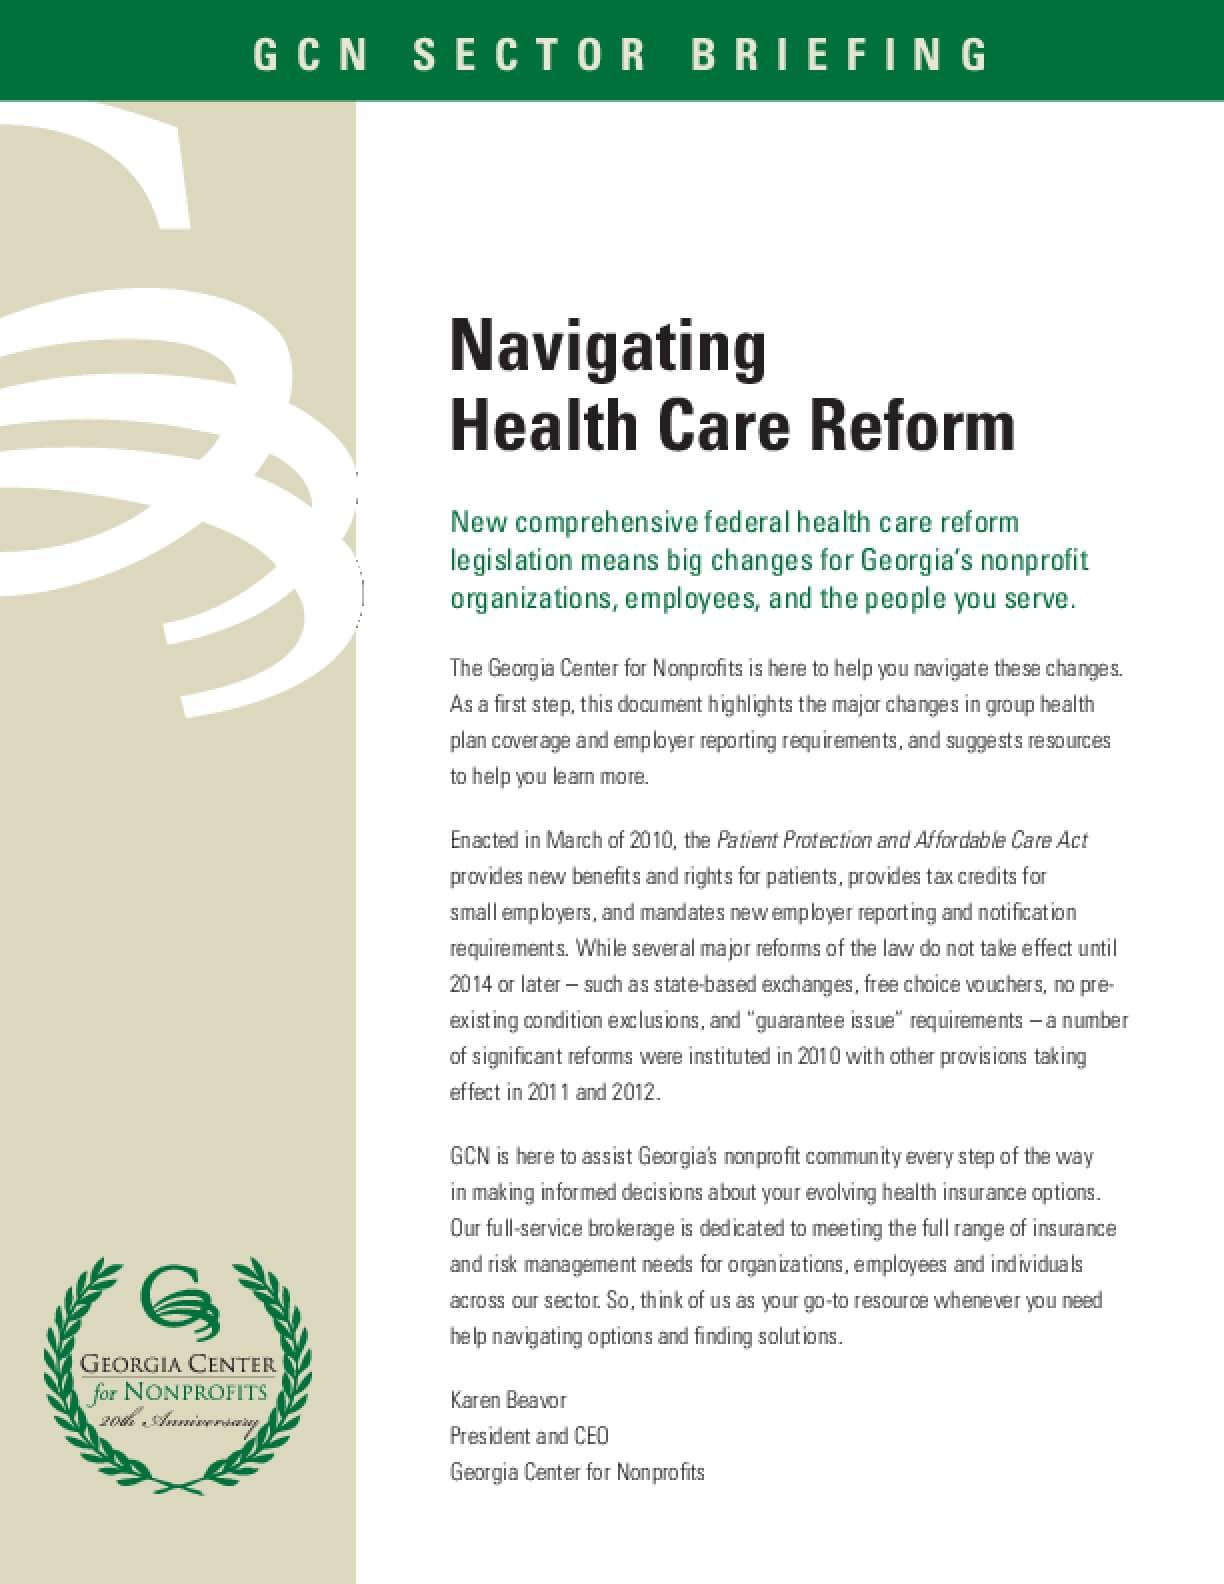 Navigating Health Care Reform